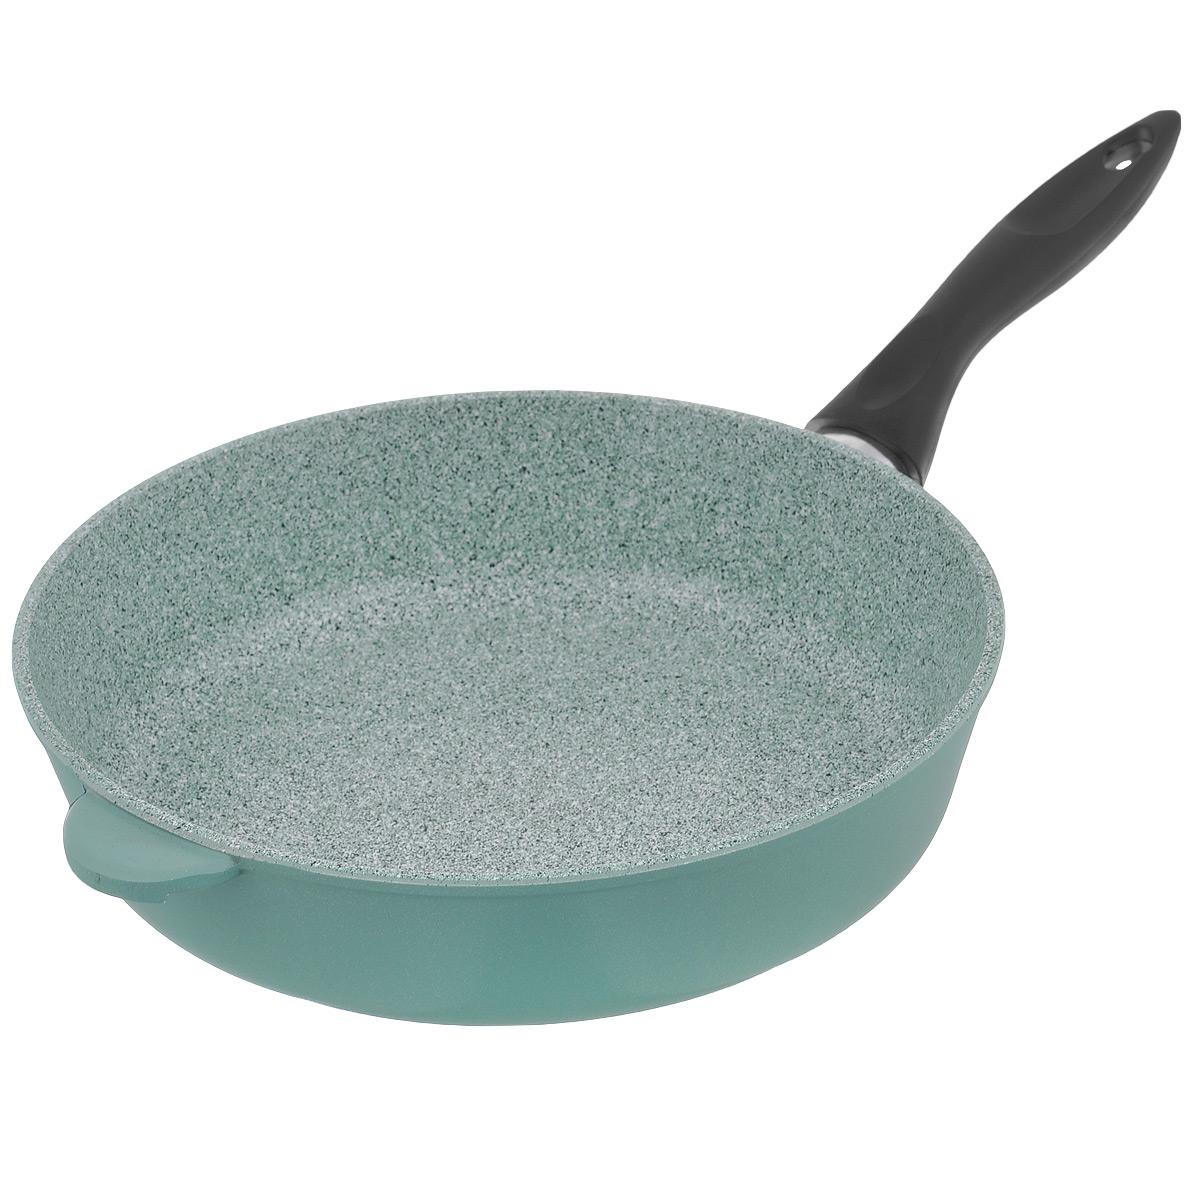 Сковорода Любава Эко, с керамическим покрытием, керамогранит, цвет: зеленый, черный. Диаметр 28 смFS-80299Сковорода Любава Эко с высокими бортами изготовлена из литого алюминия методом ручного литья. Сковорода имеет внутреннее керамическое антипригарное покрытие, и внешнее покрытие - пироскан. Метод нанесения - напыление. Керамическое антипригарное покрытие состоит из натуральных компонентов, не выделяет вредных веществ. Пироскан - материал для внешнего покрытия на основе термостойких смол, устойчив к загрязнениям и легко моется. Сковорода оснащена эргономичной несъемной пластиковой ручкой. Материал сковороды не содержит вредных веществ, в том числе ПФОА, свинца и кадмия. Сковорода обладает такими качественными характеристиками, как высокая теплоотдача, долговечность и надежность. Сковороду можно использовать на газовых, электрических, стеклокерамических плитах. Не подходит для индукционных плит.Диаметр сковороды (по верхнему краю): 28 см.Высота стенки сковороды: 7 см. Толщина стенки сковороды: 4,5 мм. Толщина дна сковороды: 7 мм. Длина ручки: 19,5 см.